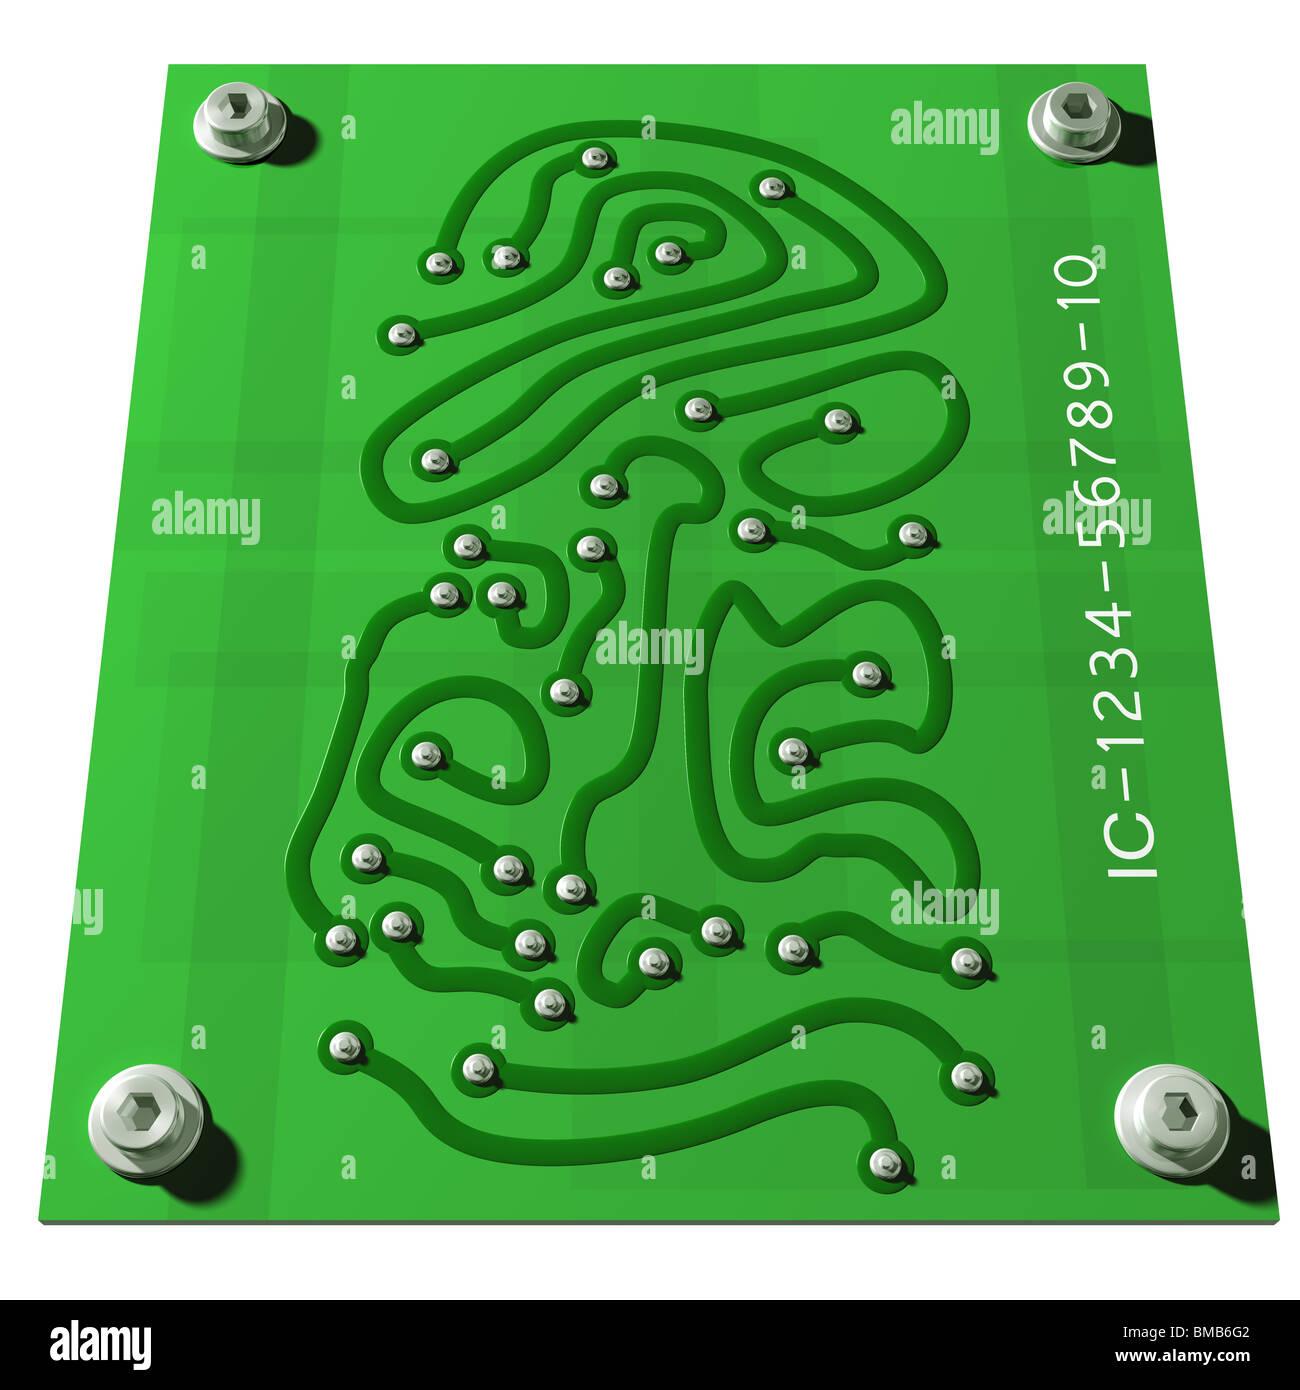 Elektronikplatine mit Verbindungen in Form eines Fingerabdrucks Stockbild